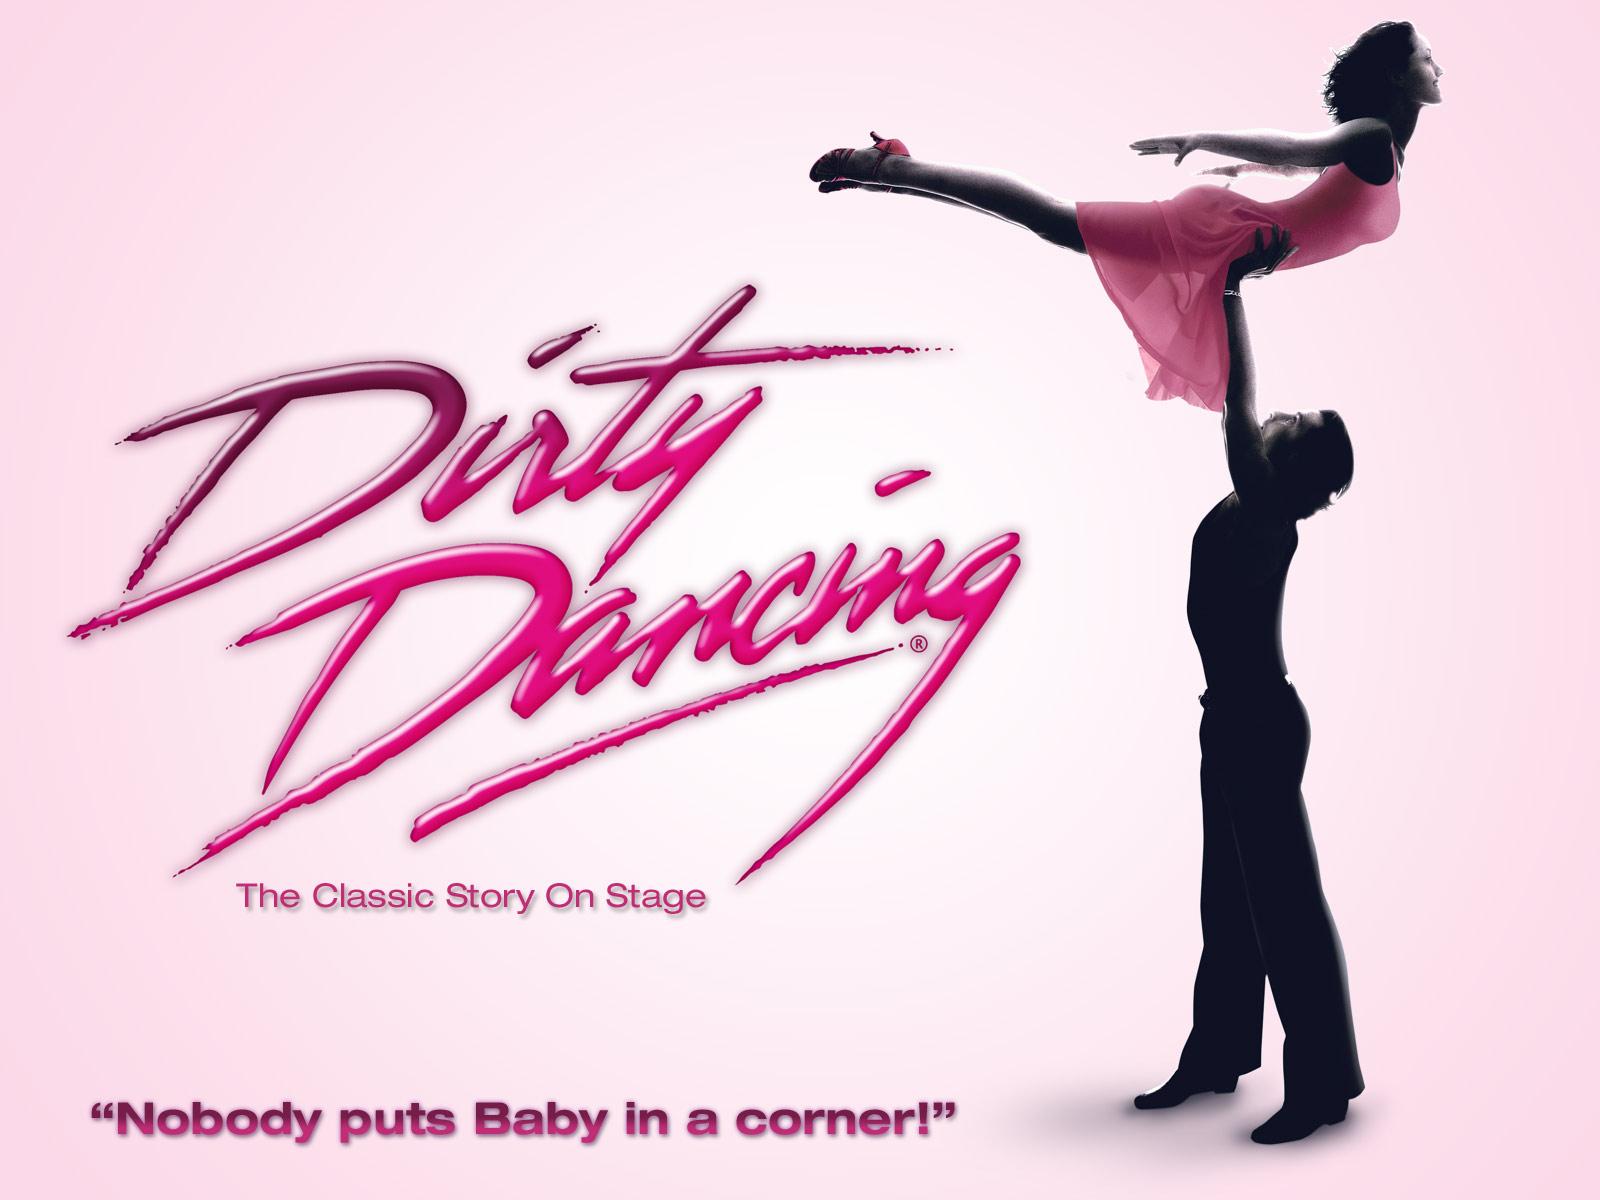 http://1.bp.blogspot.com/-V4q2-veqLxA/T2QF3iq_JWI/AAAAAAAANrc/IOtx5q6XAZI/s1600/dirty_dancing-23067.jpg